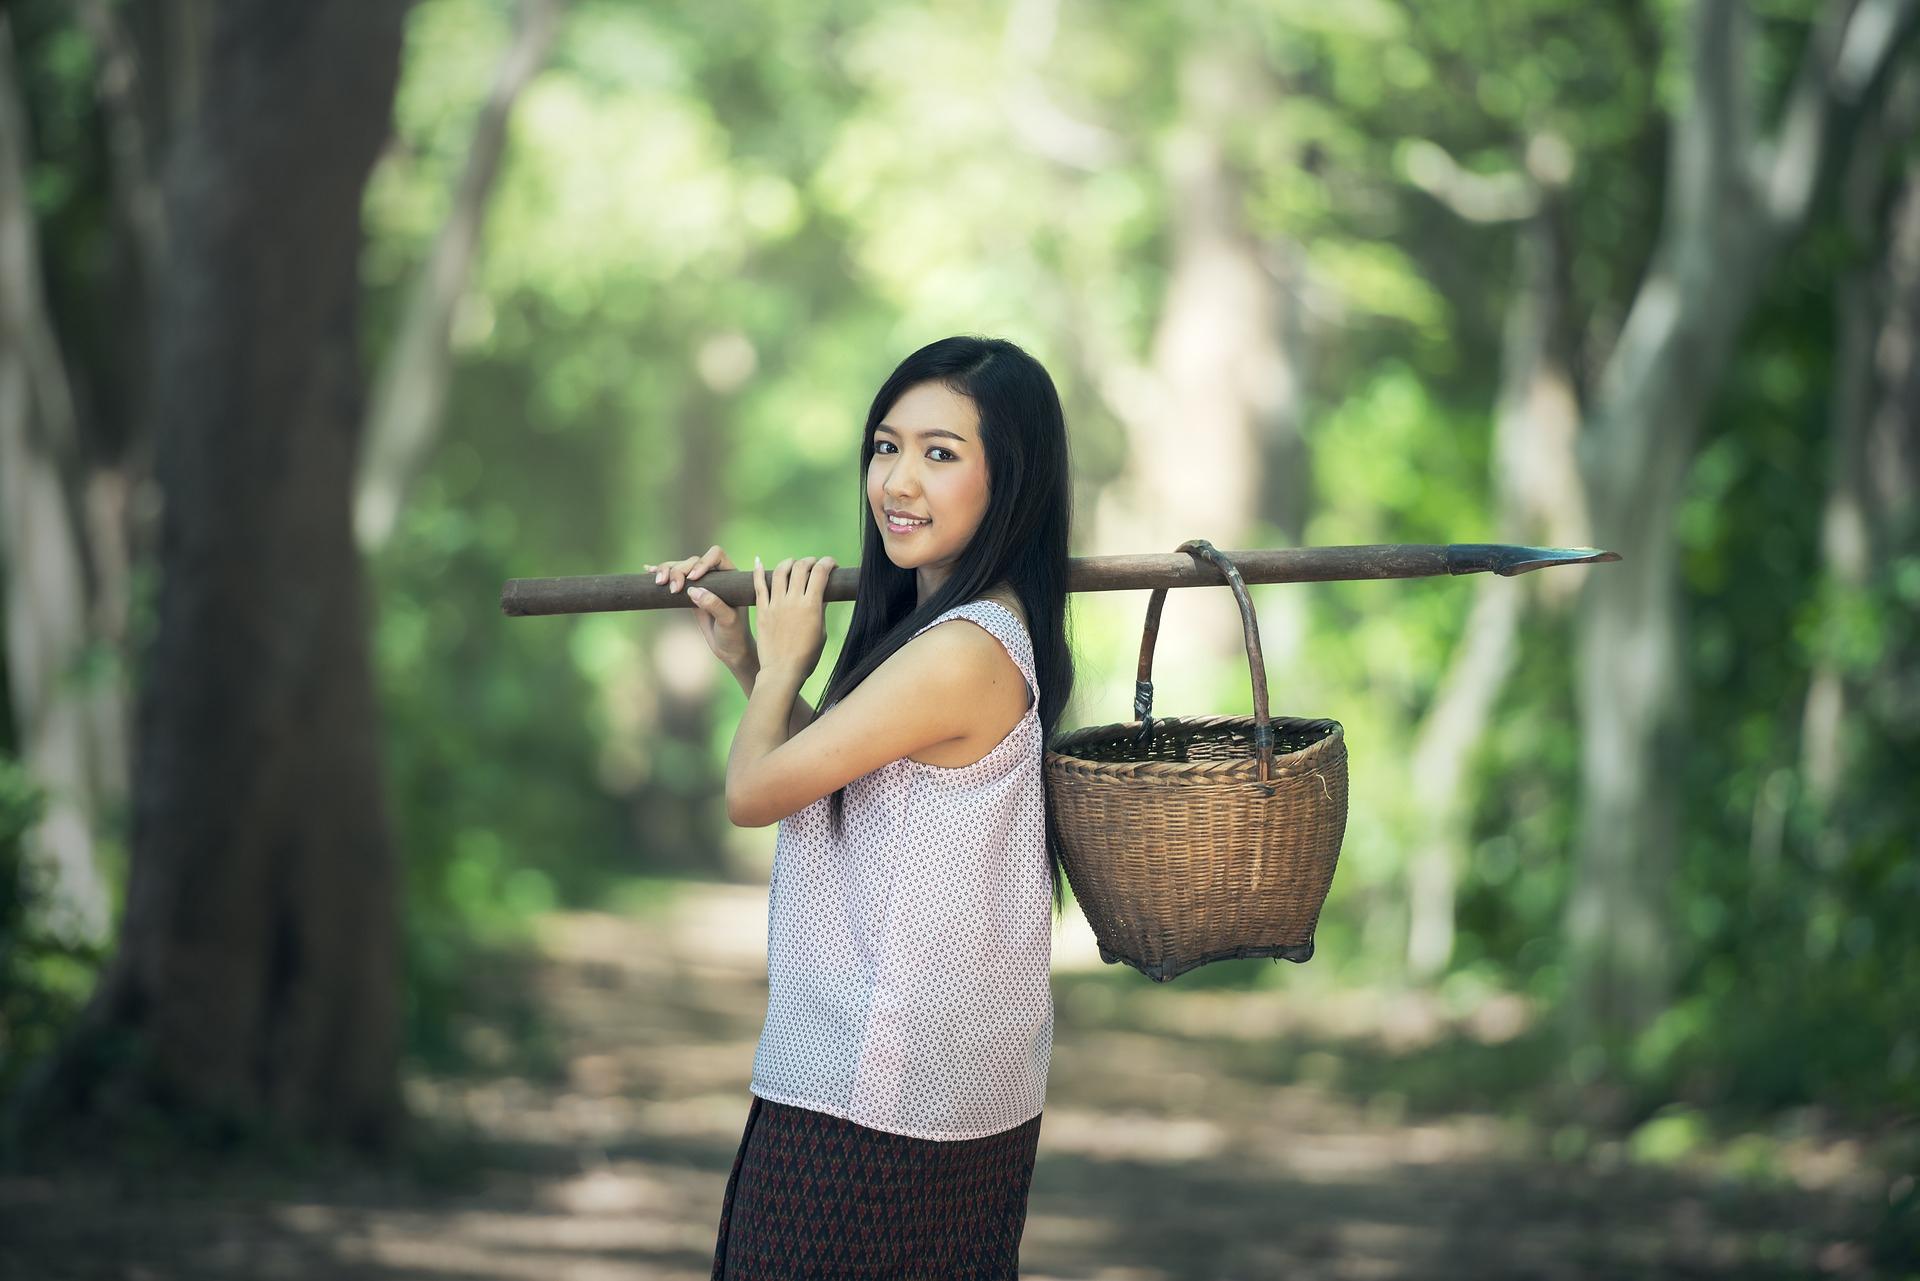 Short stories L'Intelligente fille du paysan